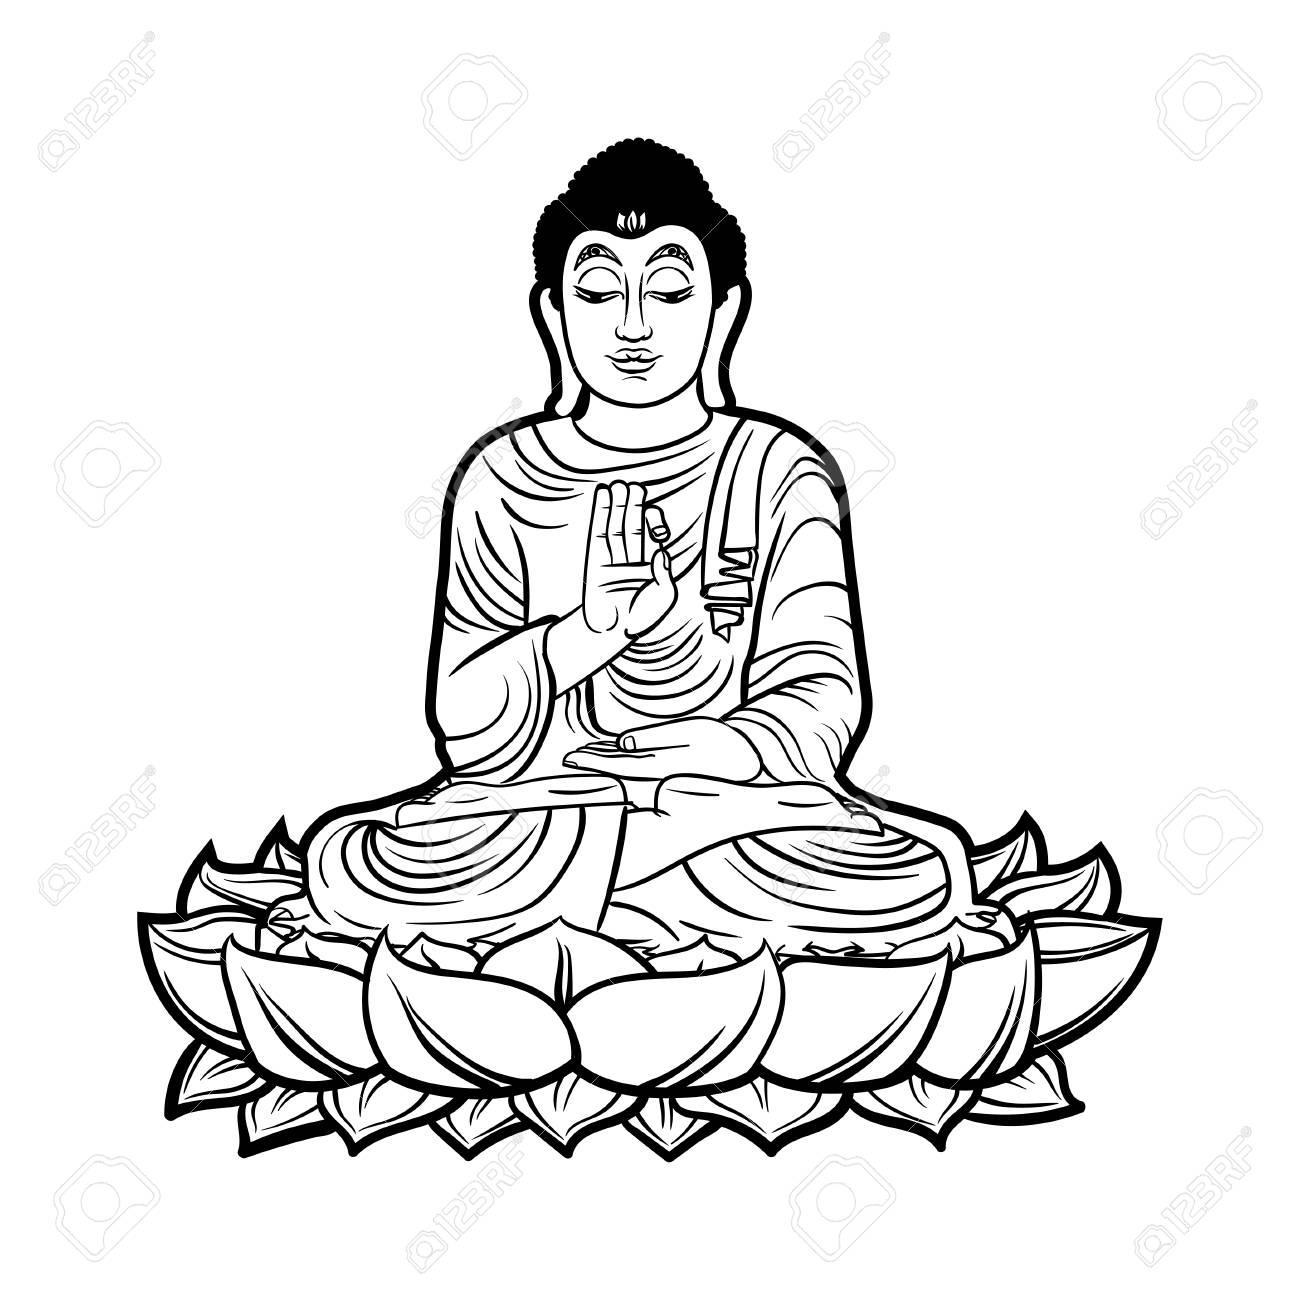 Buddha isolated on white esoteric vintage illustration indian